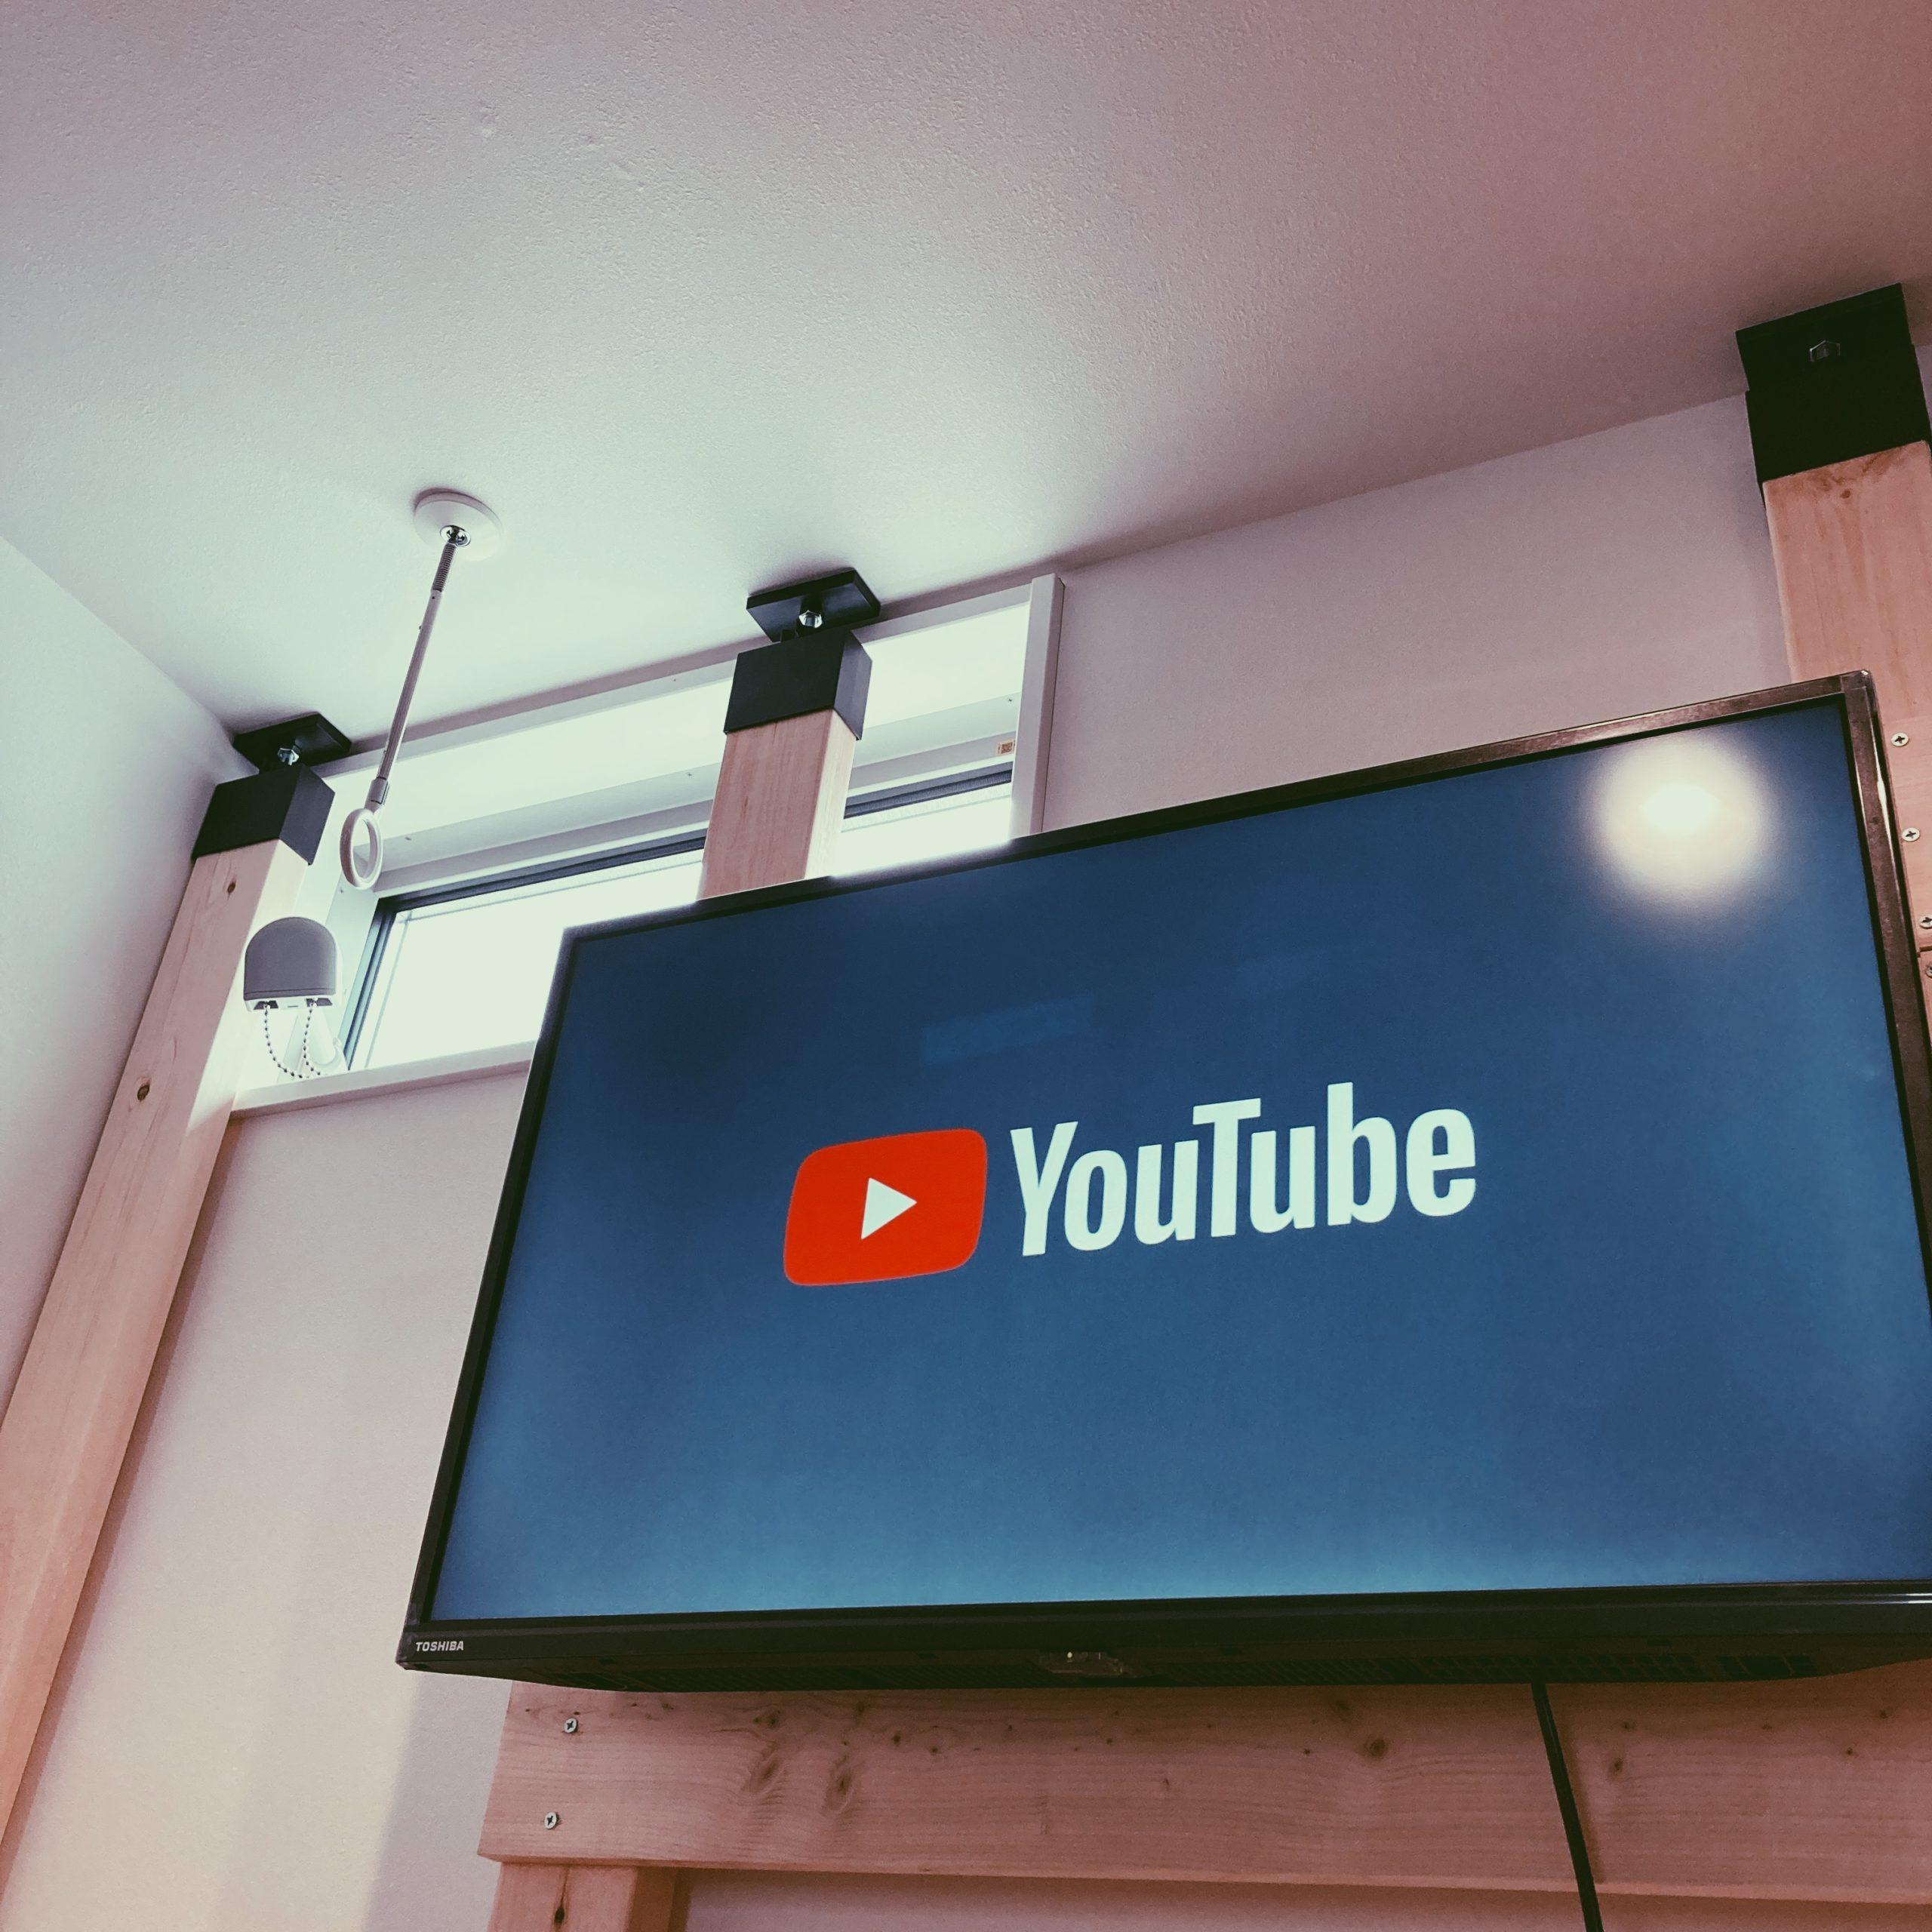 「壁掛けテレビをDIY。設計~作り方。ラブリコ使えば賃貸暮らしでも可能」のアイキャッチ画像